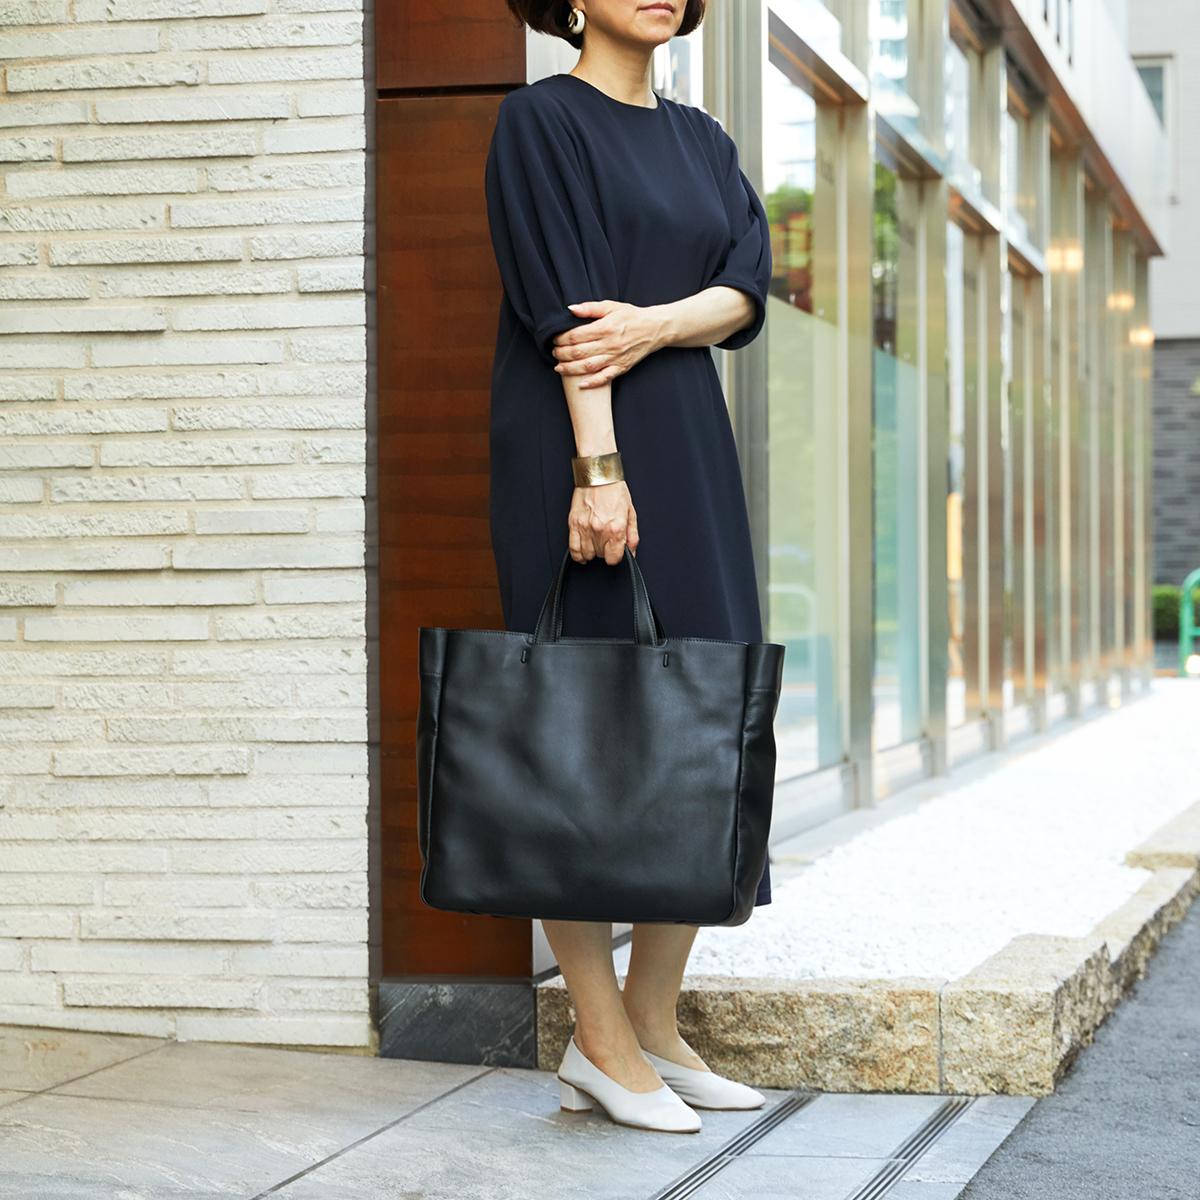 ビジネススーツにも、カジュアルスタイルにも、しっくり馴染む、懐の深いシンプルさ。|防水レザー、超軽量、直感ポケット付きの日本製レザーバッグ|PCバッグ・トートバッグ・リュック・バックパック|FARO(ファーロ)